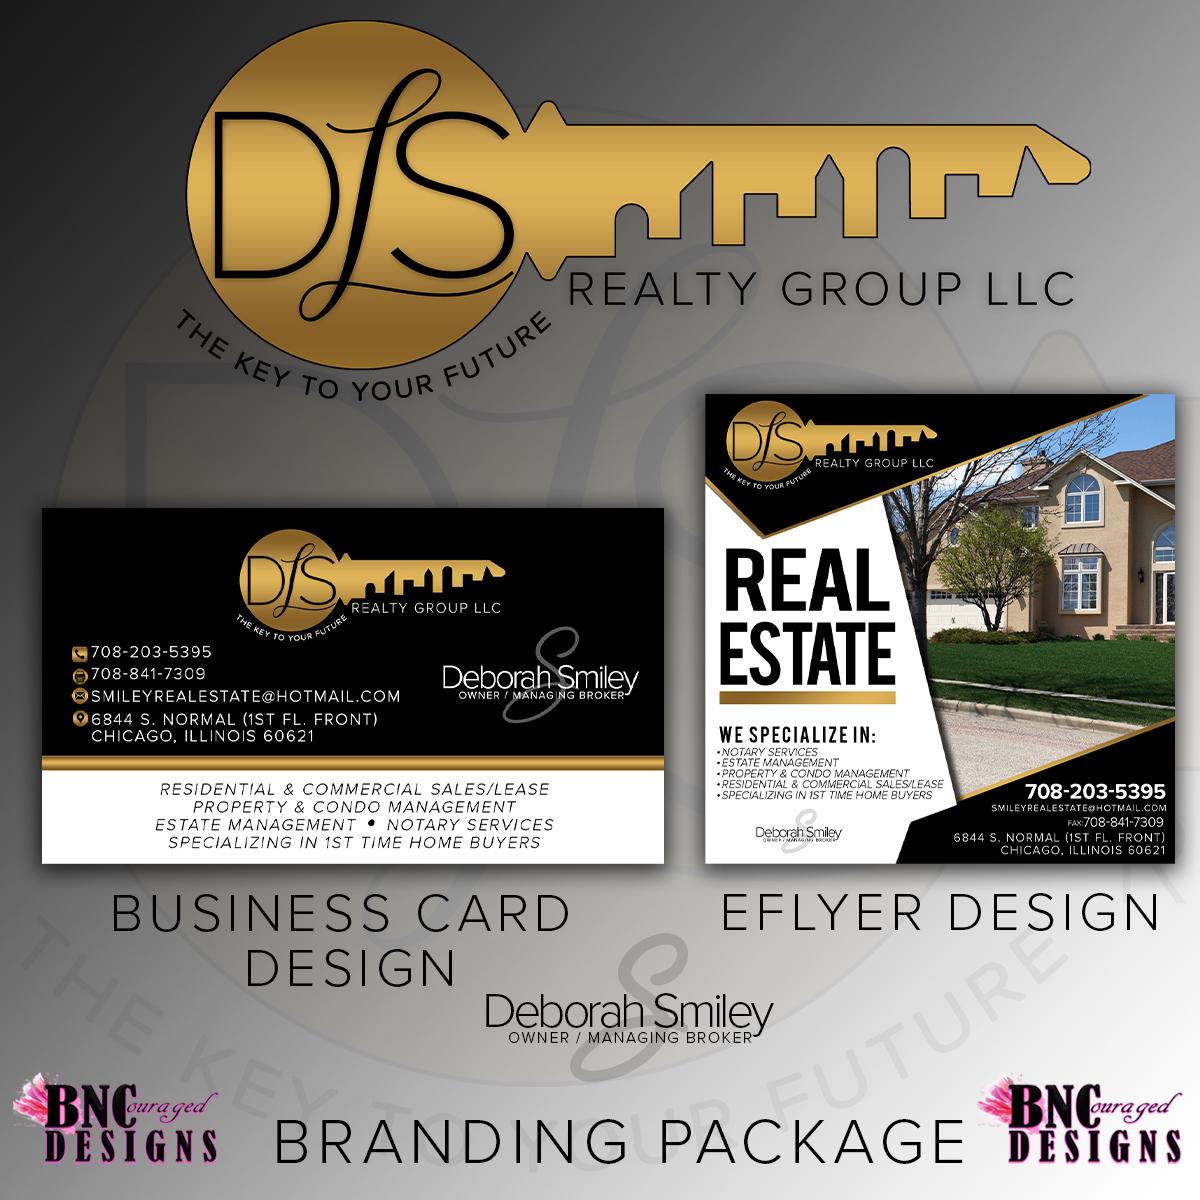 DLS branding package